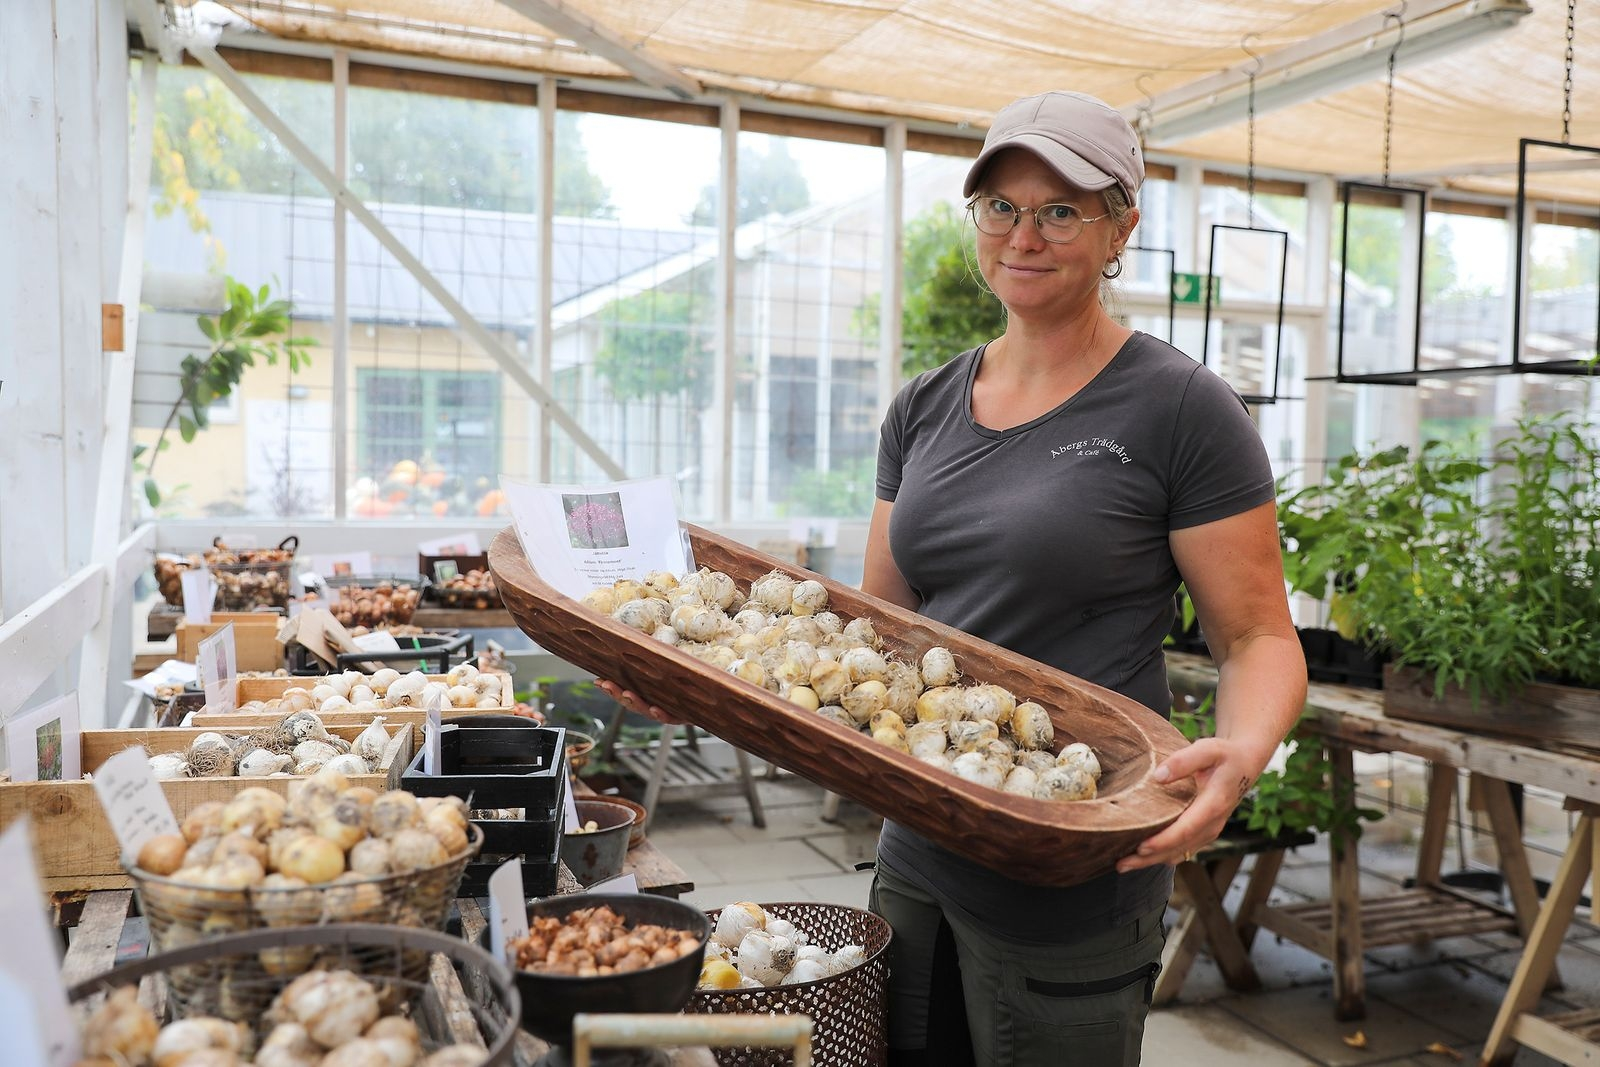 – På hösten är det läge att sätta lök, tipsar Jenny Mineur. På Åbergs Trädgård finns en uppsjö av lökar som säljs i lösvikt.